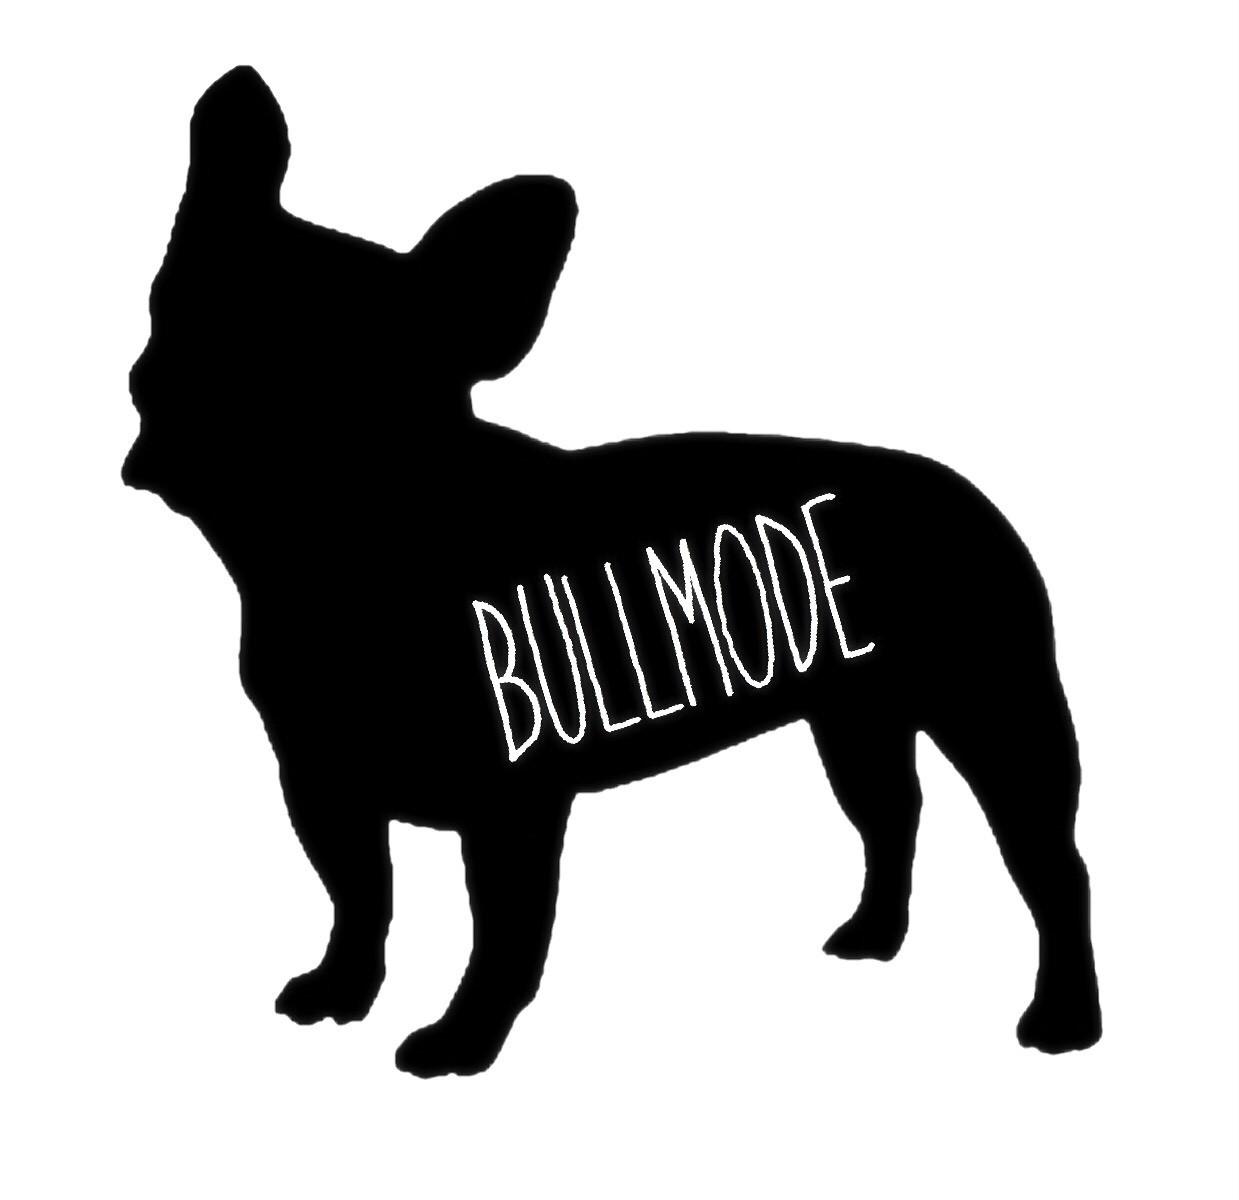 ハンドメイド犬服&雑貨BULL MODE